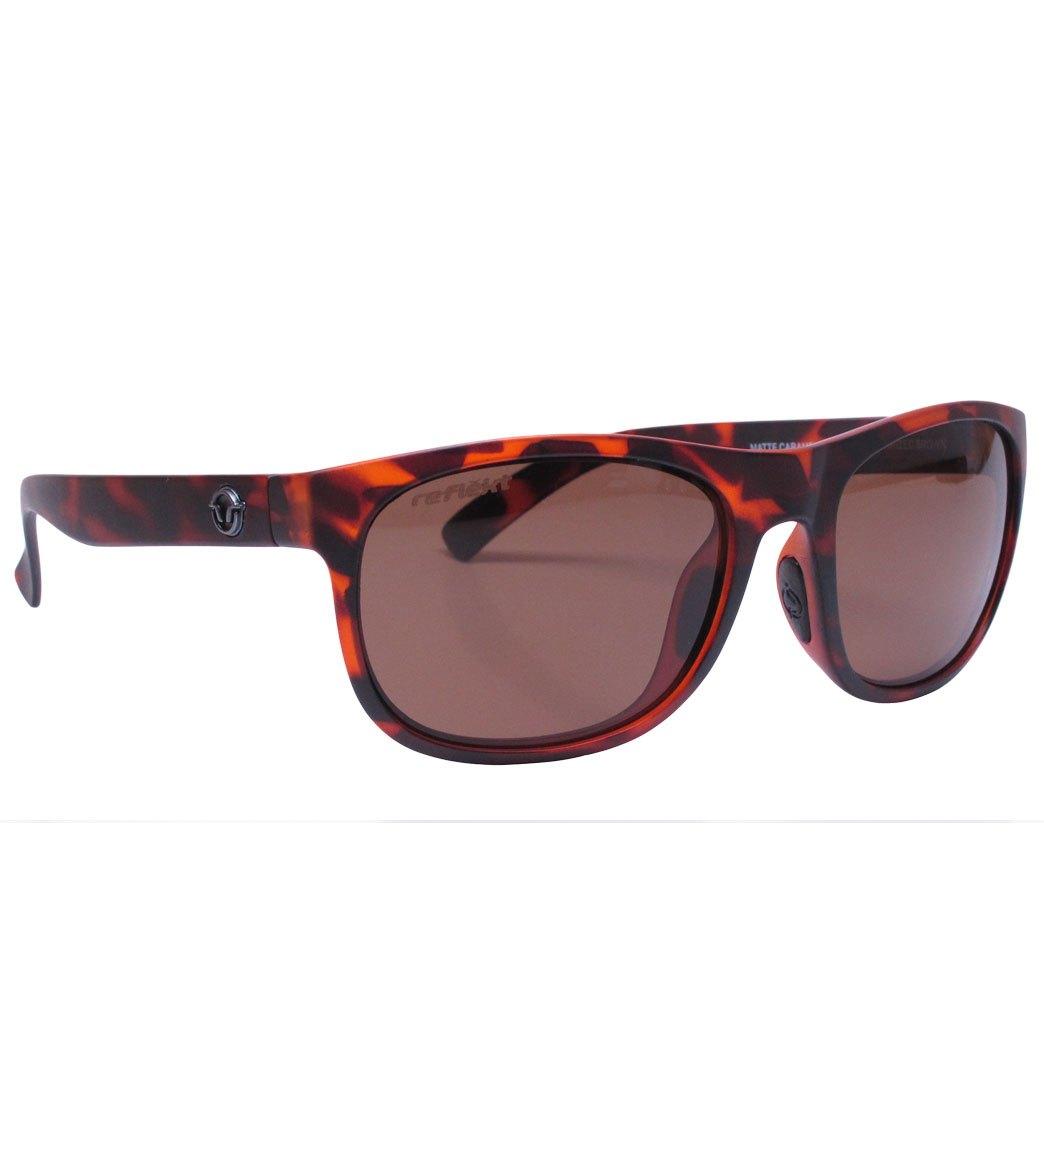 902cfacbe11 Unsinkable Polarized Nomad Unsinkable Polarized Floating Sunglasses at  SwimOutlet.com - Free Shipping